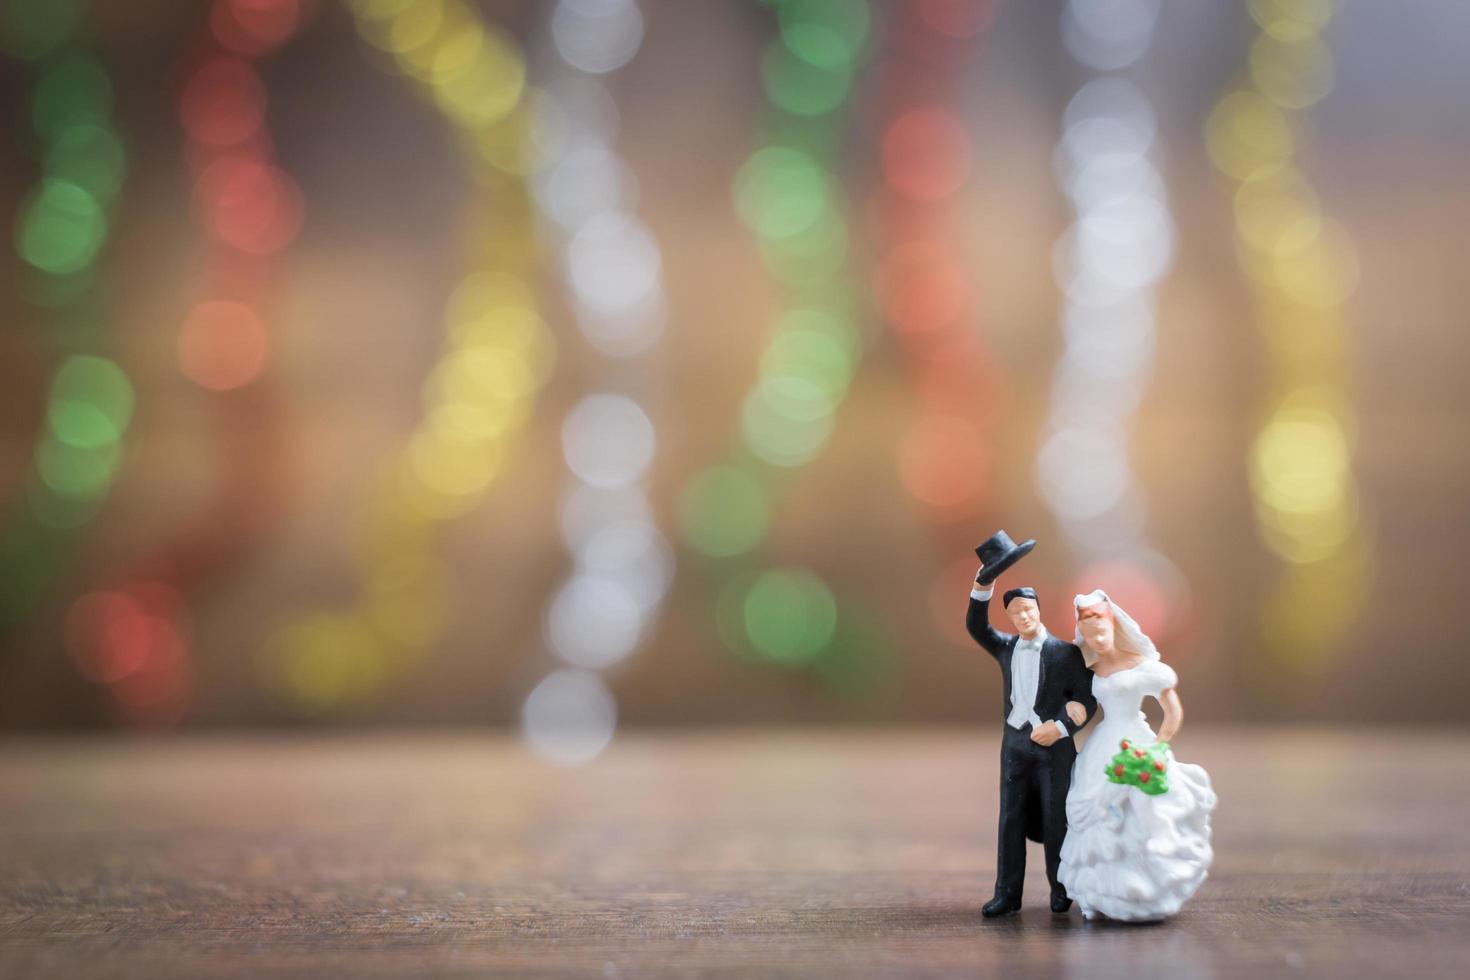 noiva e noivo em miniatura em um piso de madeira com fundo colorido bokeh, conceito de família bem-sucedido foto